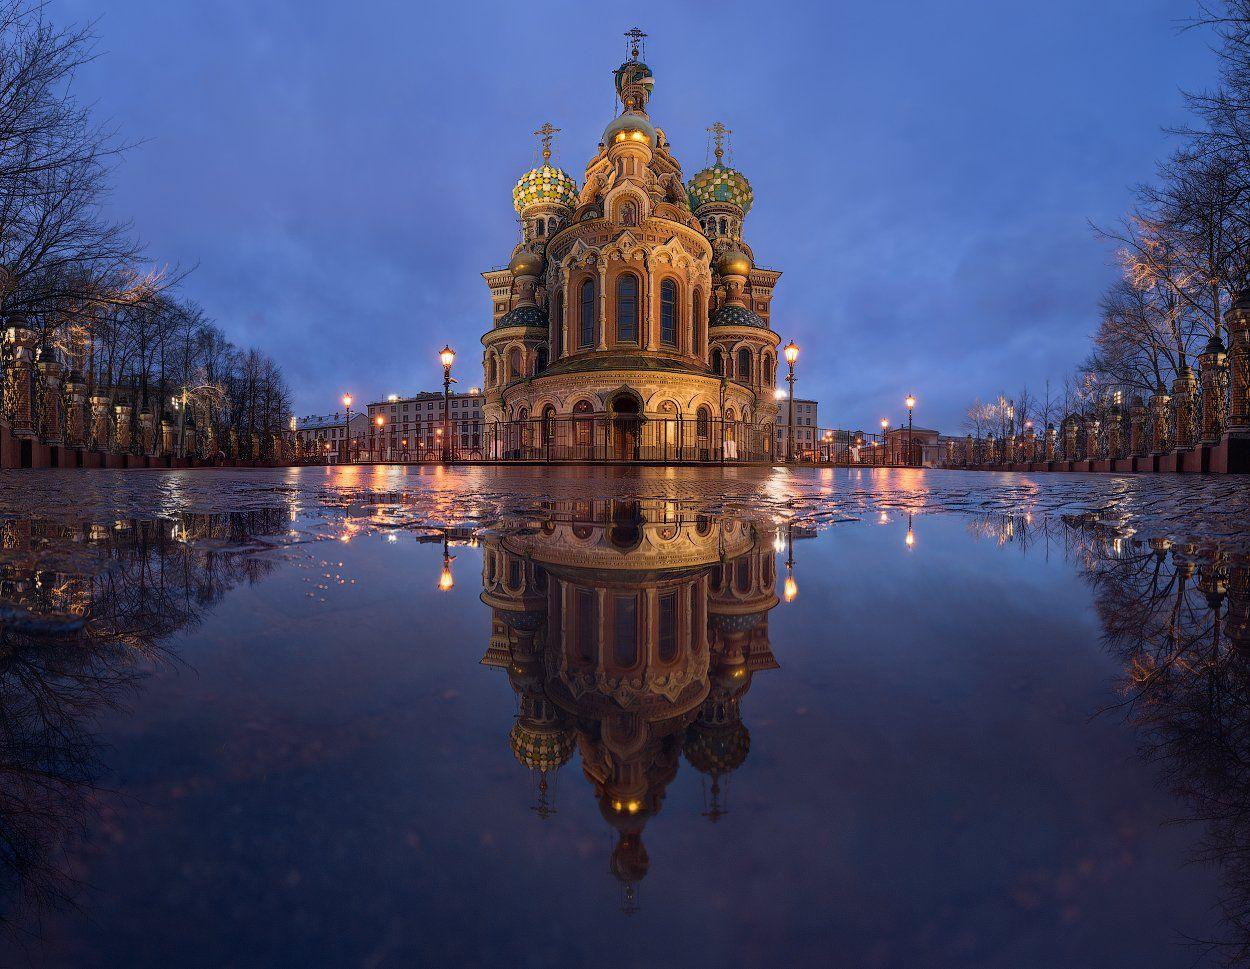 Вечер, Дождь, Ливень, Отражения, Панорама, Санкт петербург, Храм, Sergey Louks